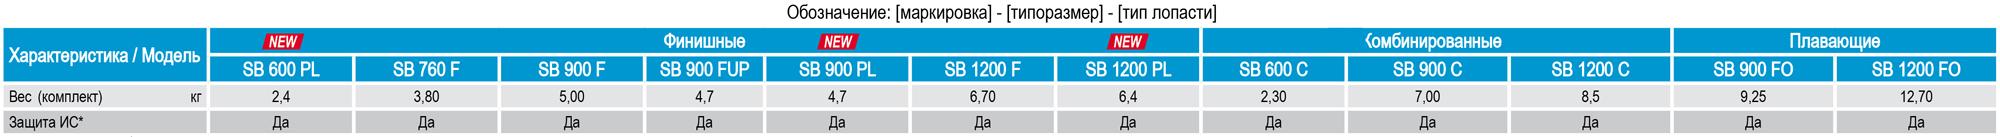 Технические характеристики, показатели, параметры лопастей для затирочных машин СПЕКТРУМ финишных, плавающих, комбинированных